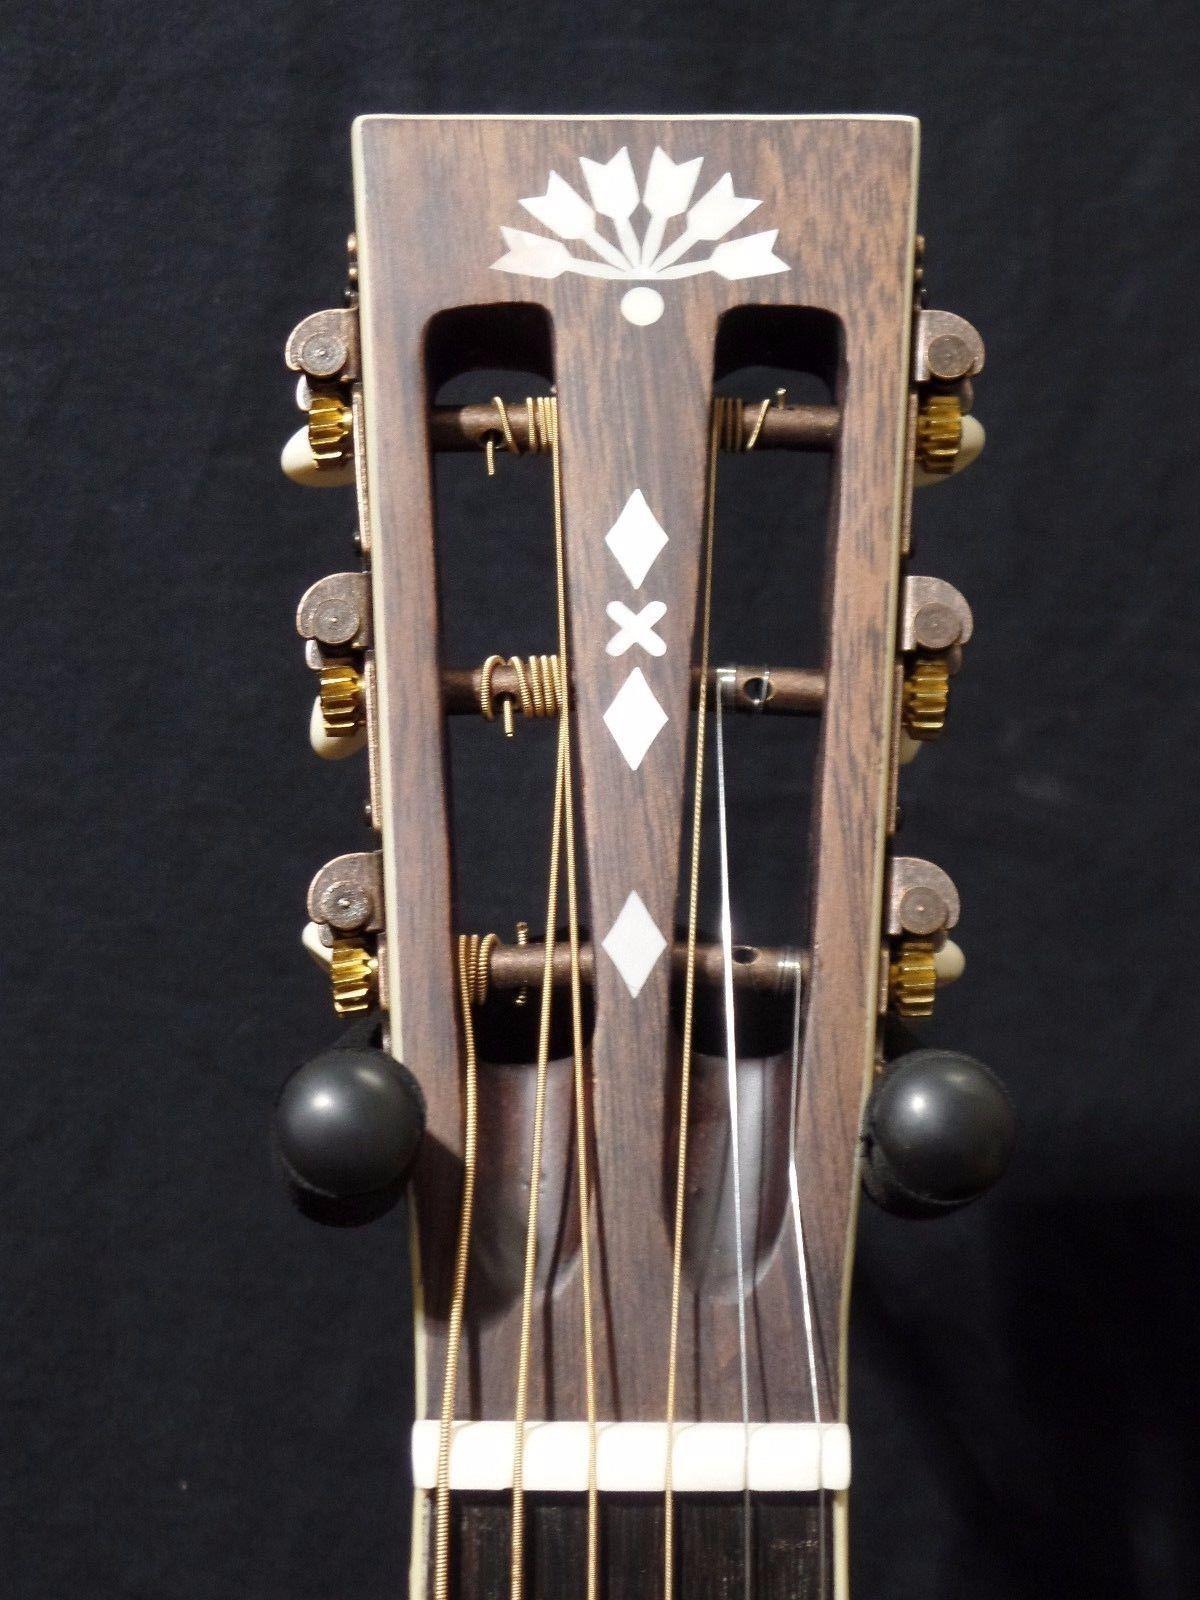 washburn r319swkk vintage parlor acoustic guitar hard shell case 0492 801128709086 ebay. Black Bedroom Furniture Sets. Home Design Ideas